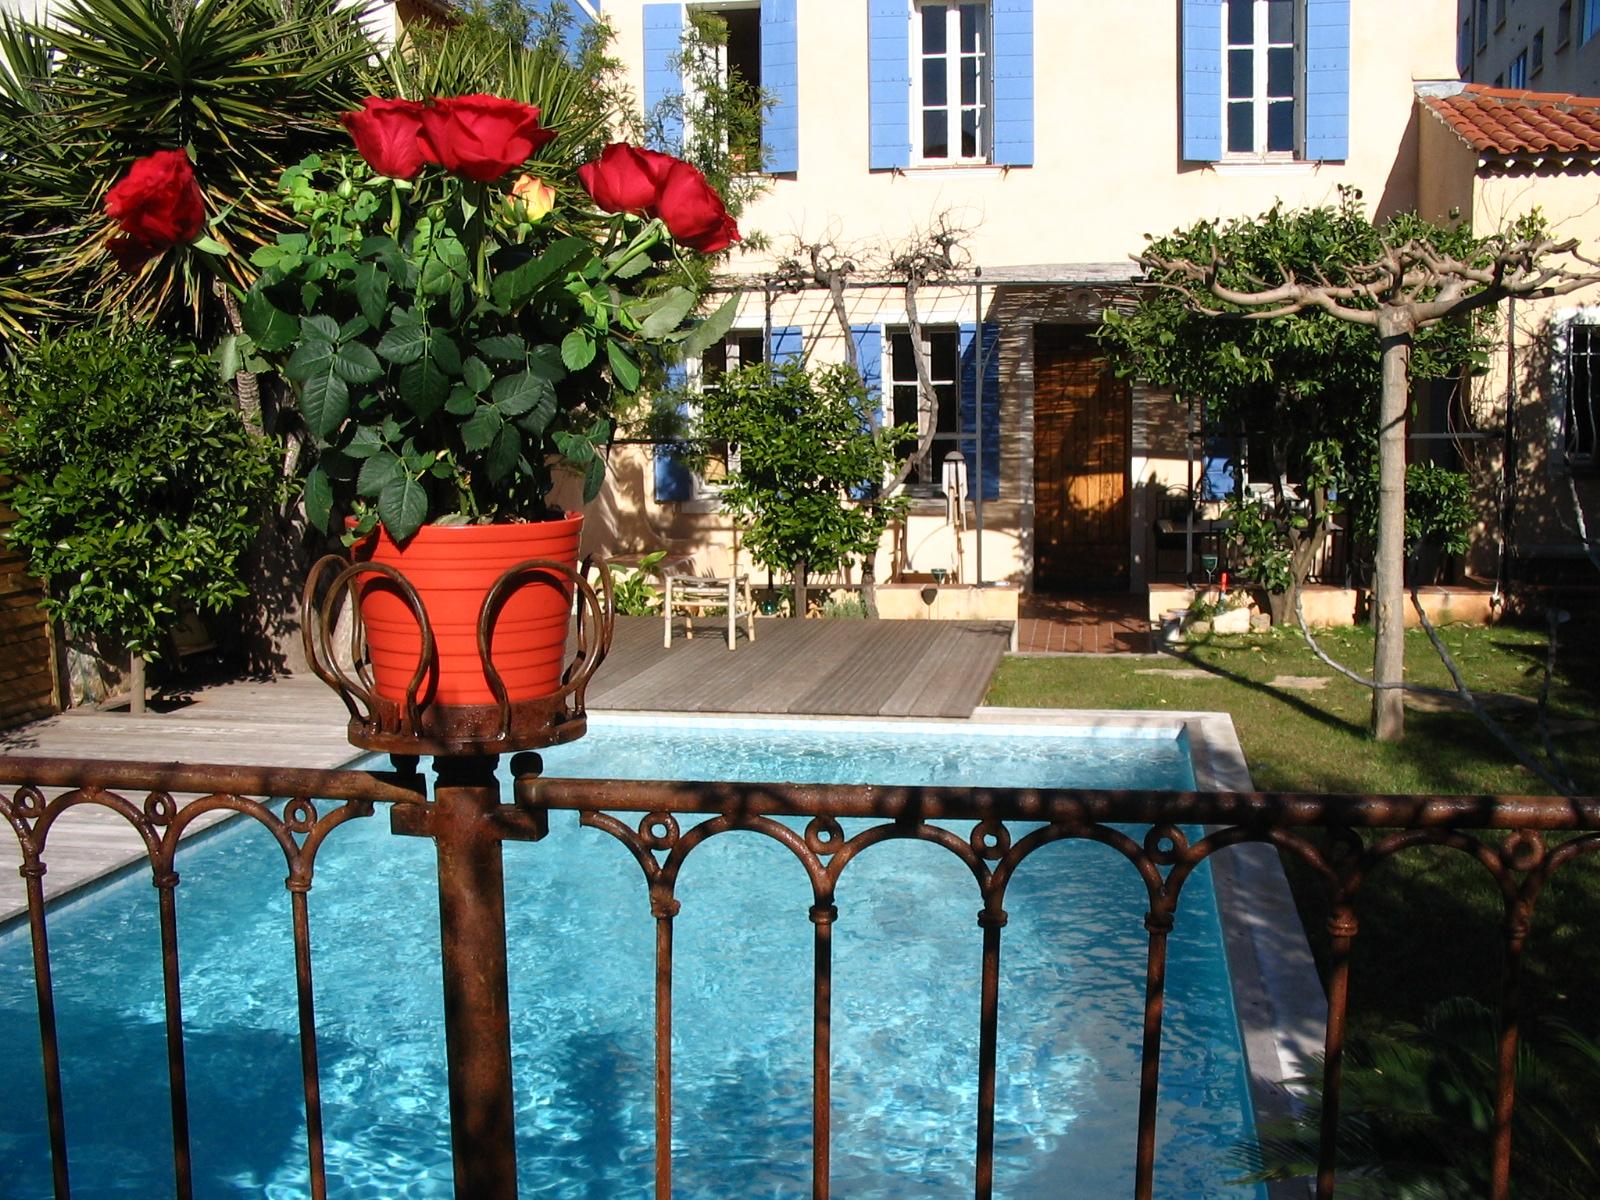 Barrire piscine fer forg Provenale Deluxe une autre vision de la cloture